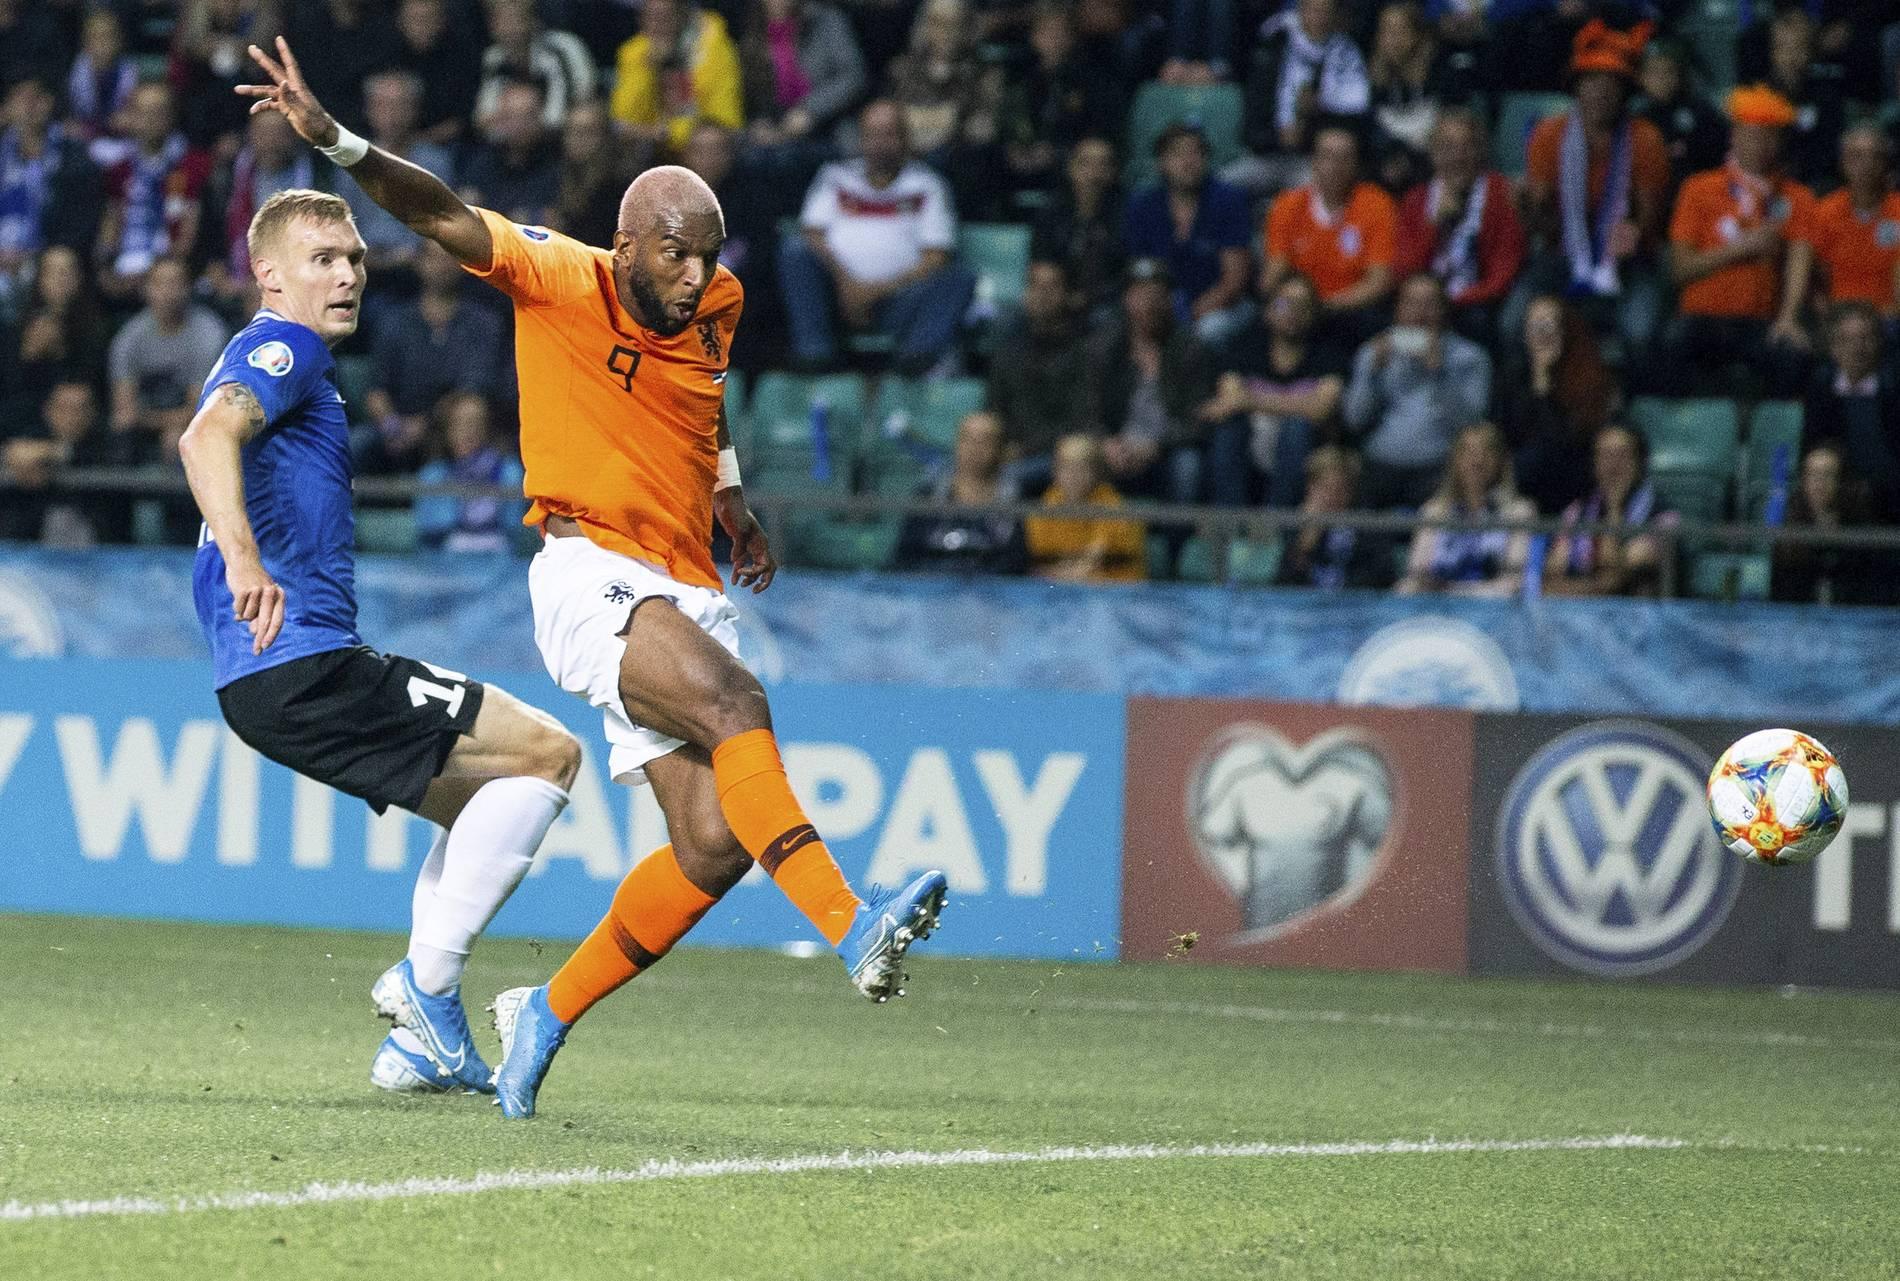 Em Qualifikation Kroatien Blamiert Sich In Aserbaidschan Niederlande Siegen In Estland